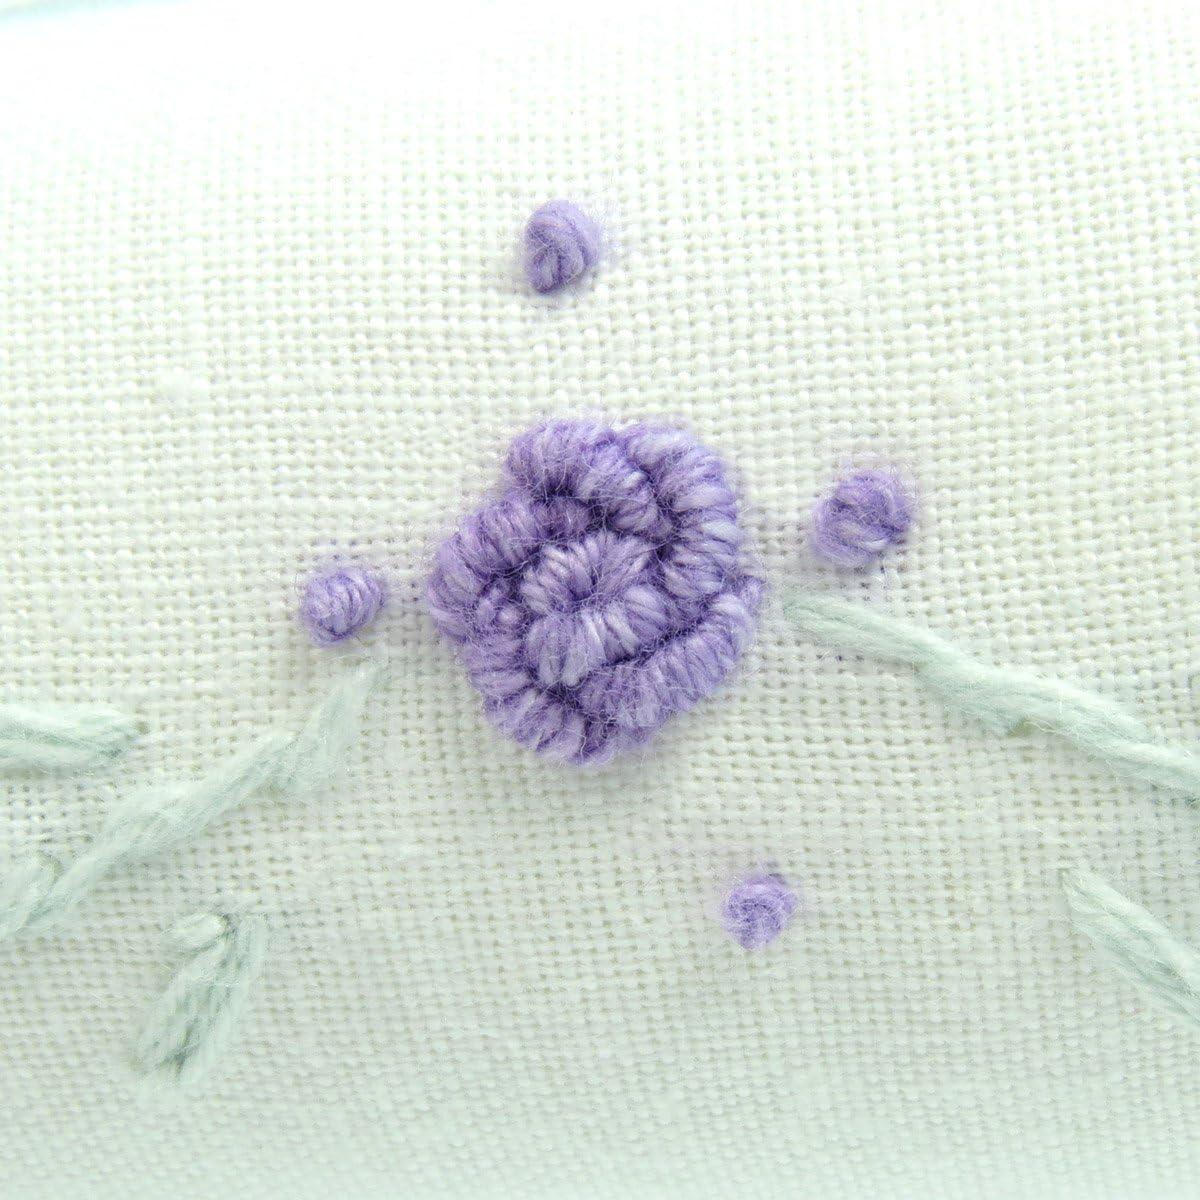 40 cm Hangerworld Juego de 3 Perchas Acolchadas de algod/ón para Abrigos dise/ño Bordado de Rosa Lila Color Blanco